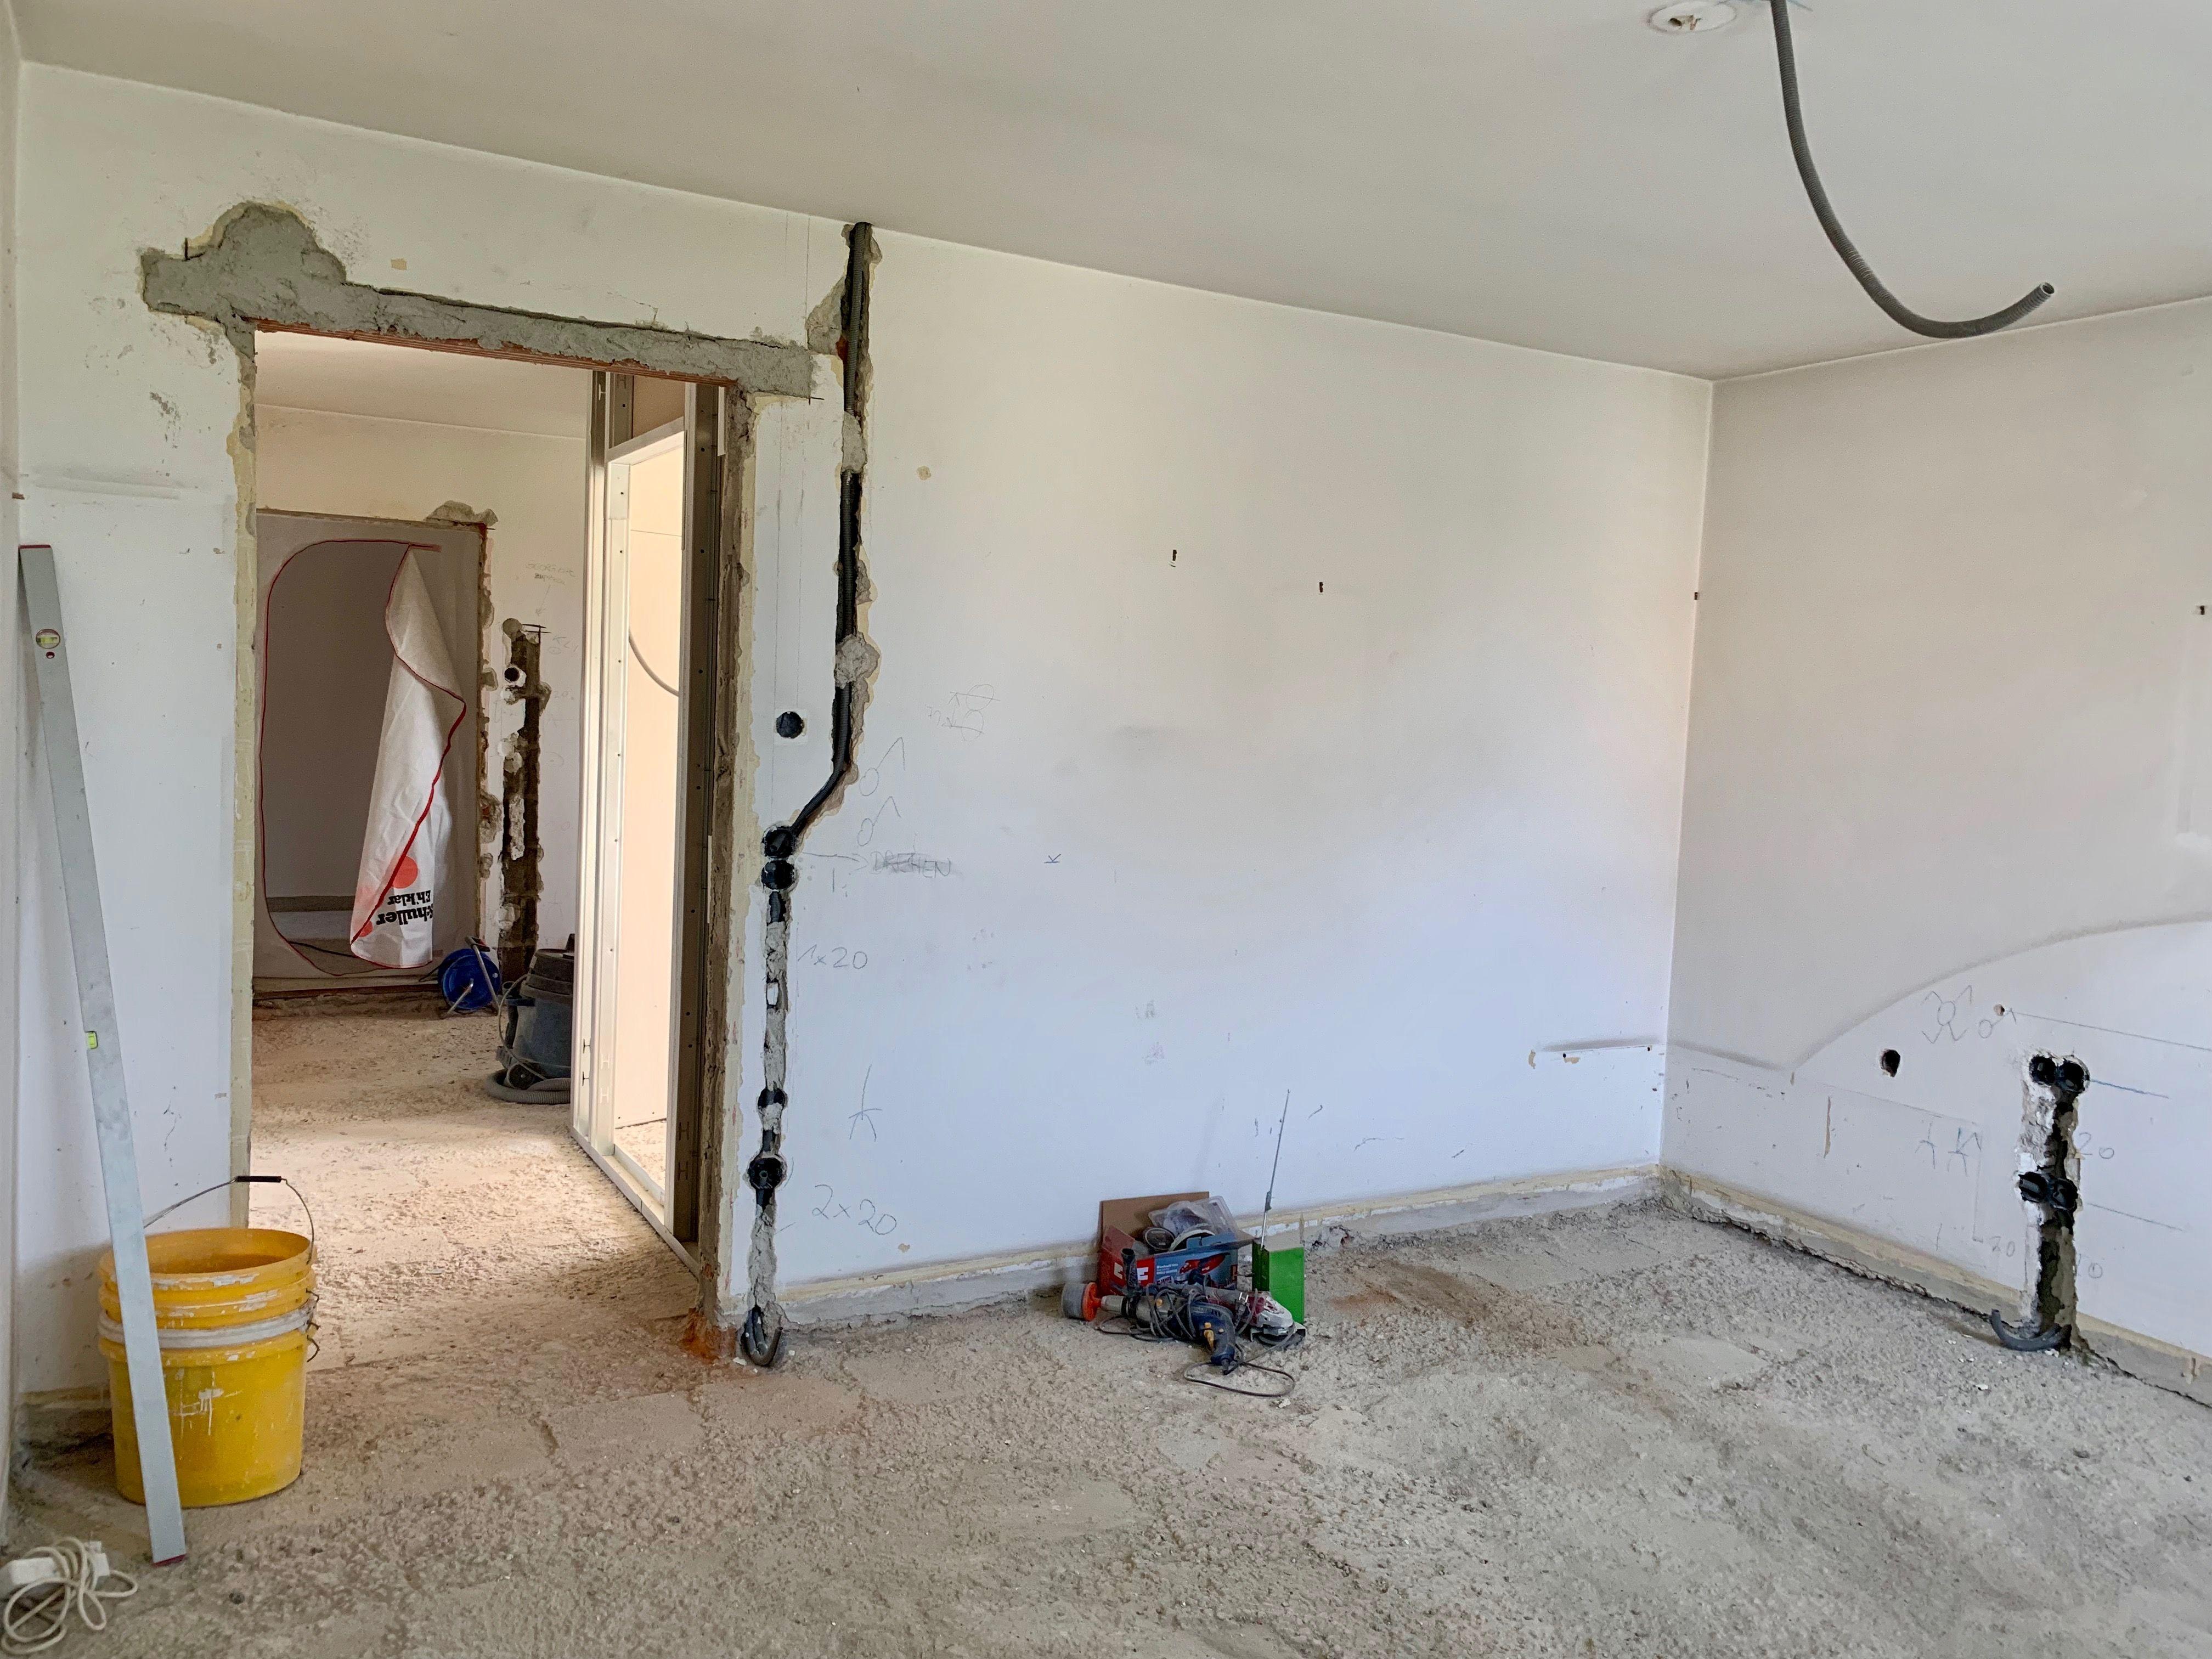 IMG 3755 - Wie man alten Häusern neues Leben einhaucht